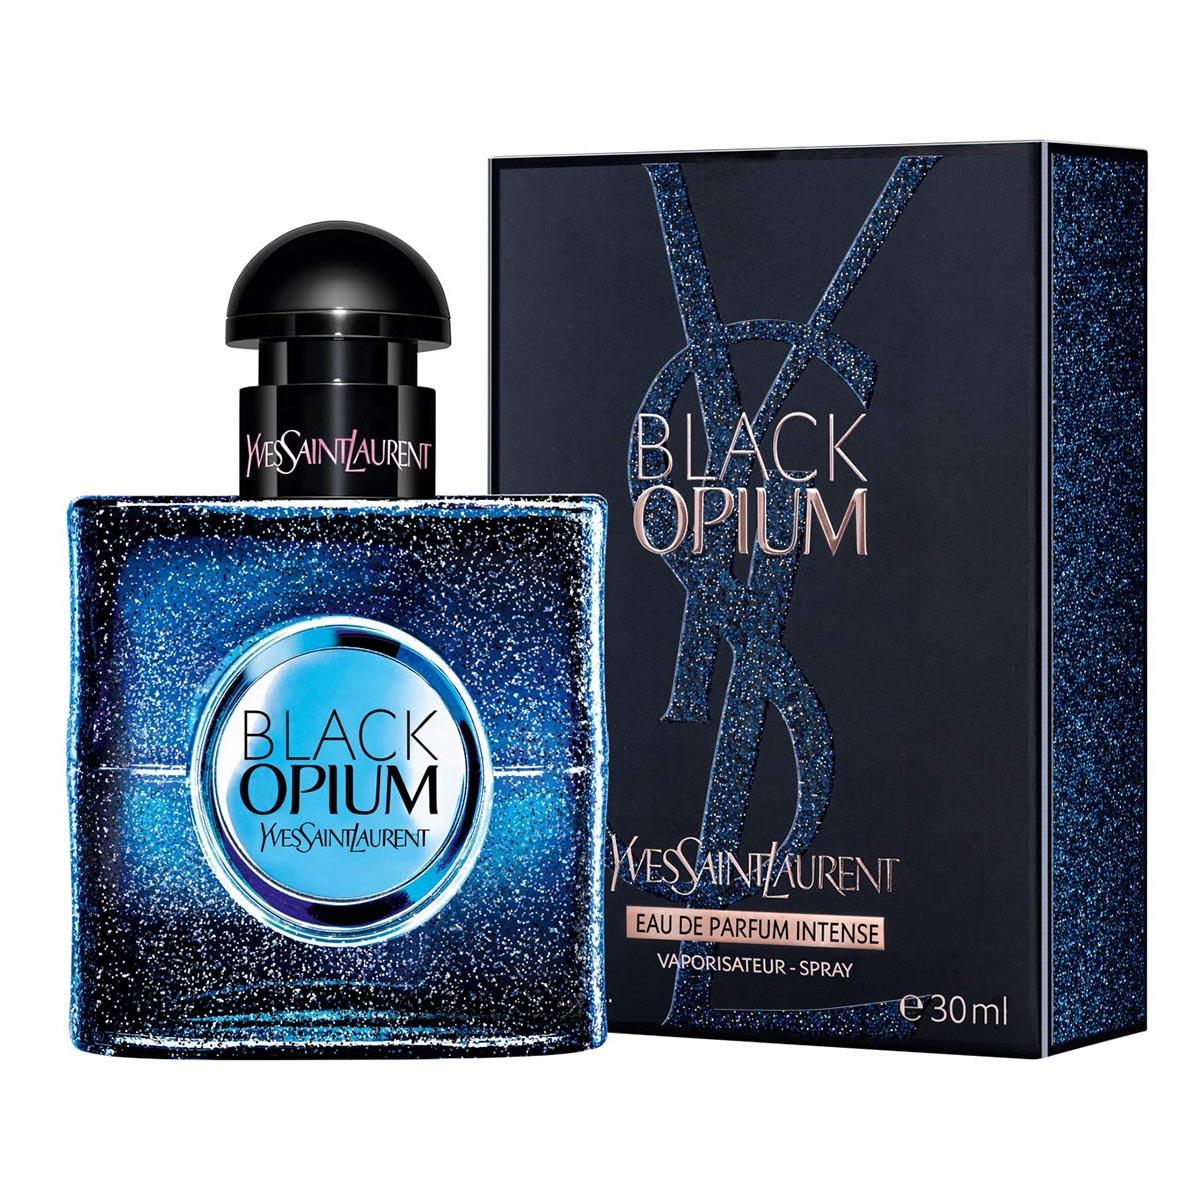 Yves saint laurent black opium eau de parfum intense 30ml vaporizador